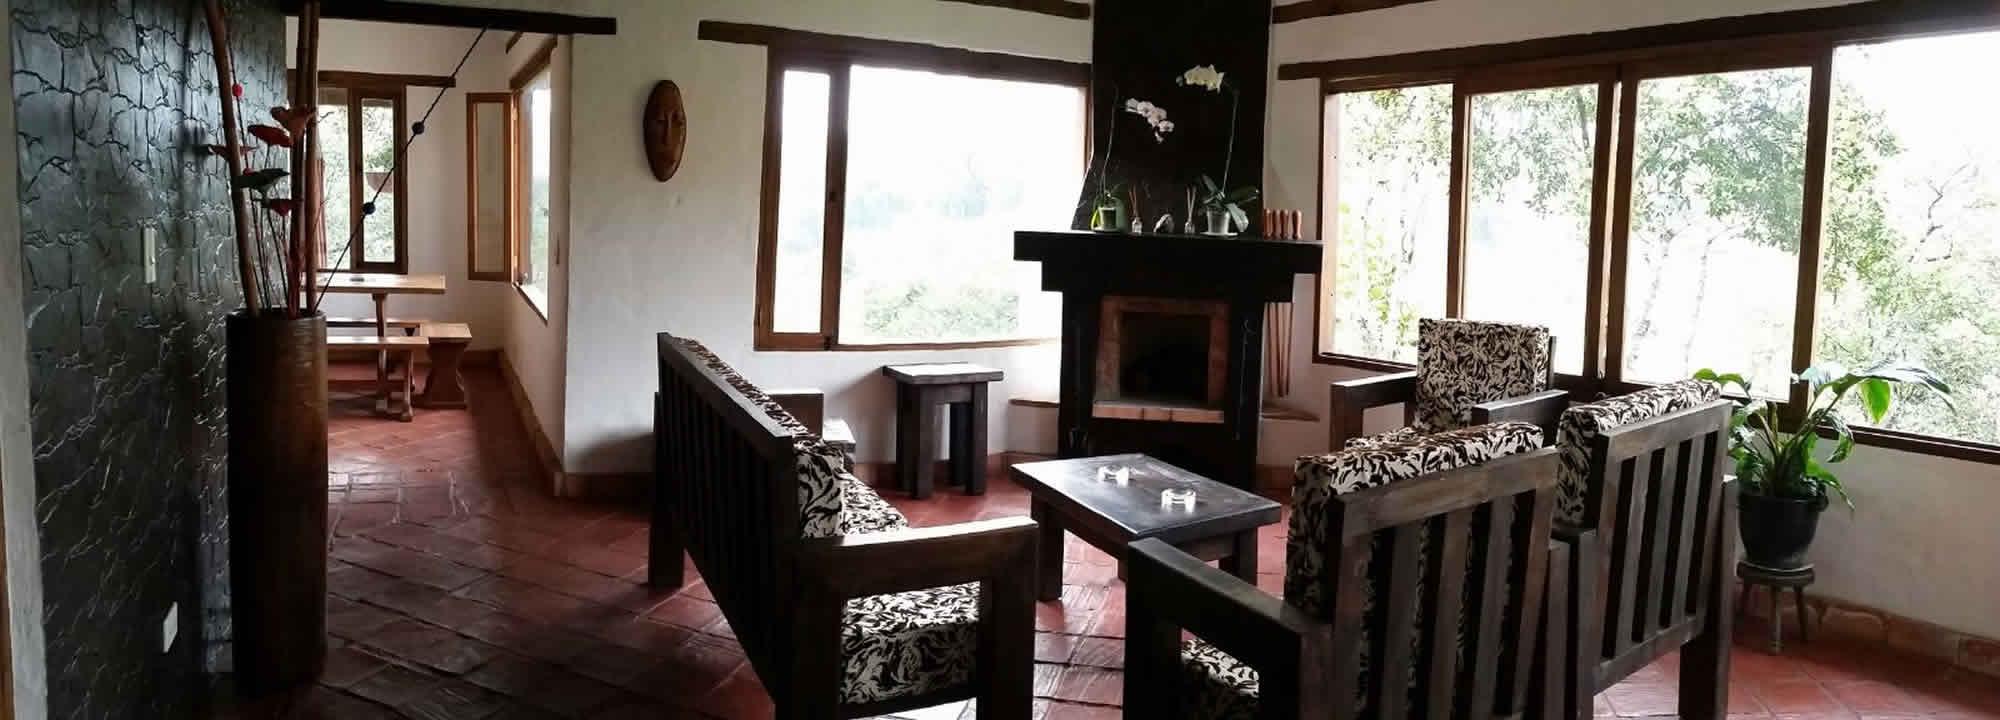 Sala y comedor casa El Paraíso en Villa de Leyva